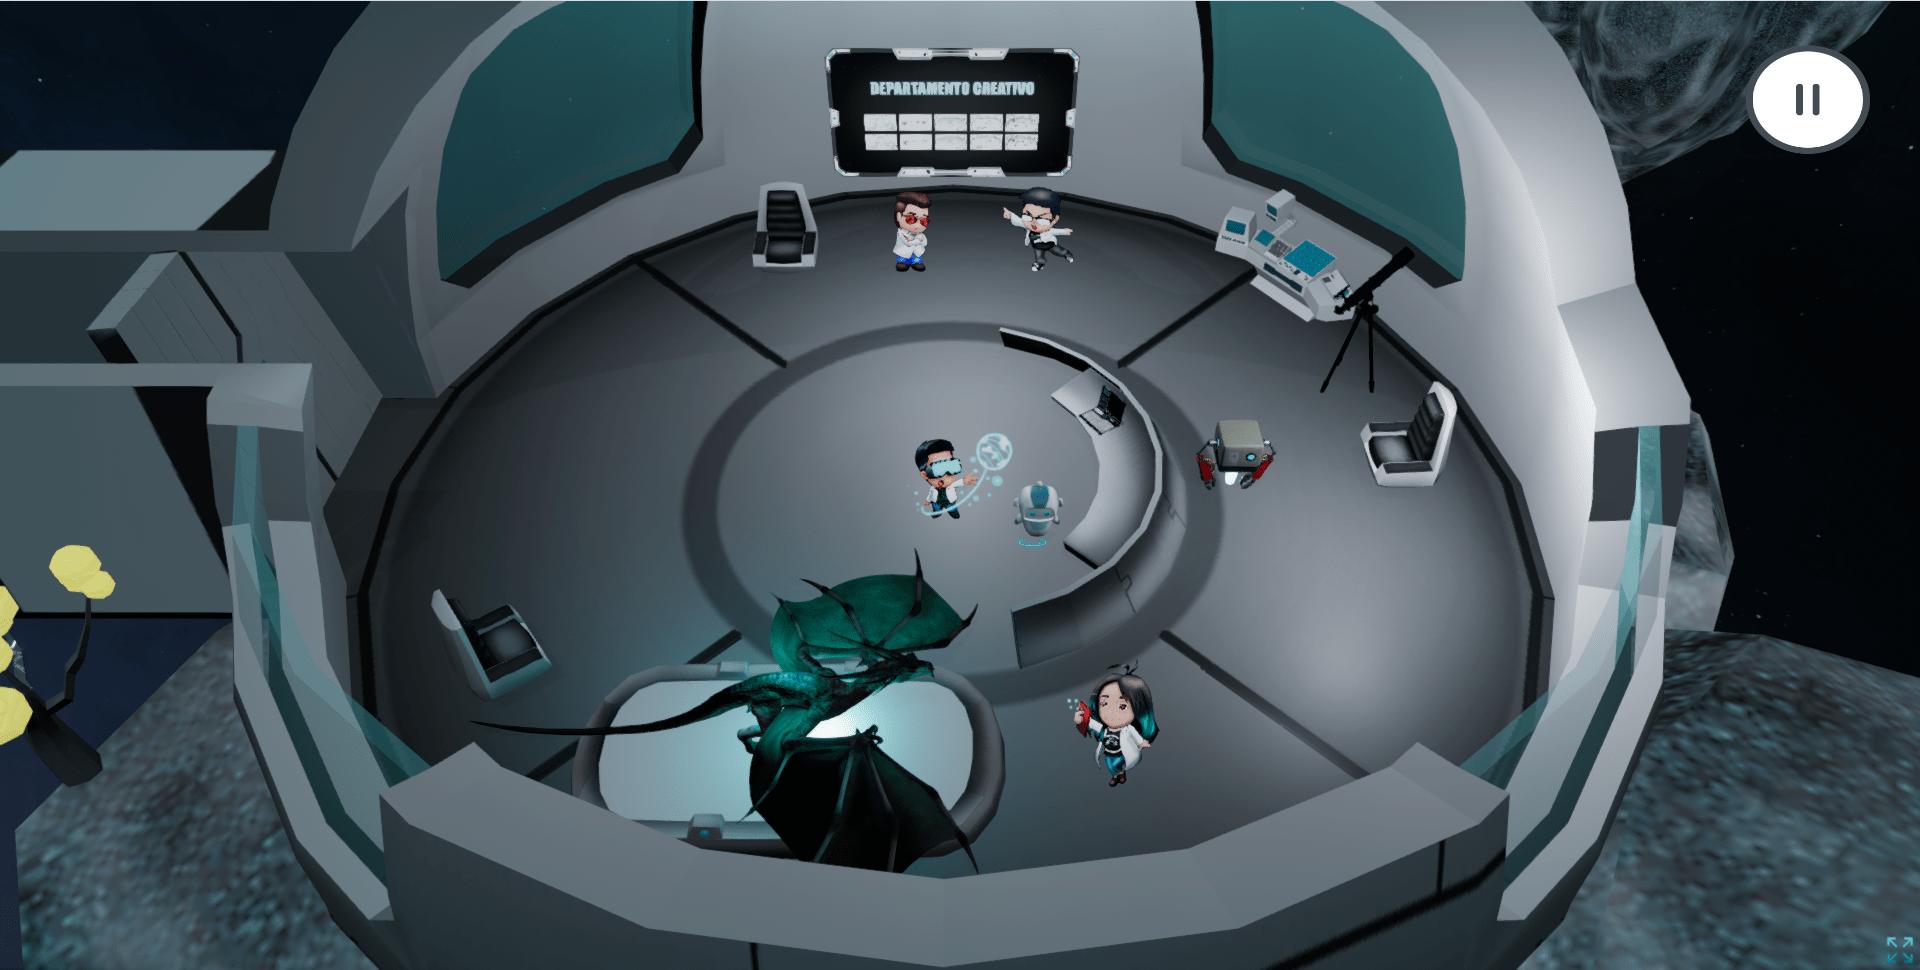 Laboratorio virtual del equipo creativo, donde se muestra un dragón simulando realidad virtual y las ilustraciones del equipo creativo